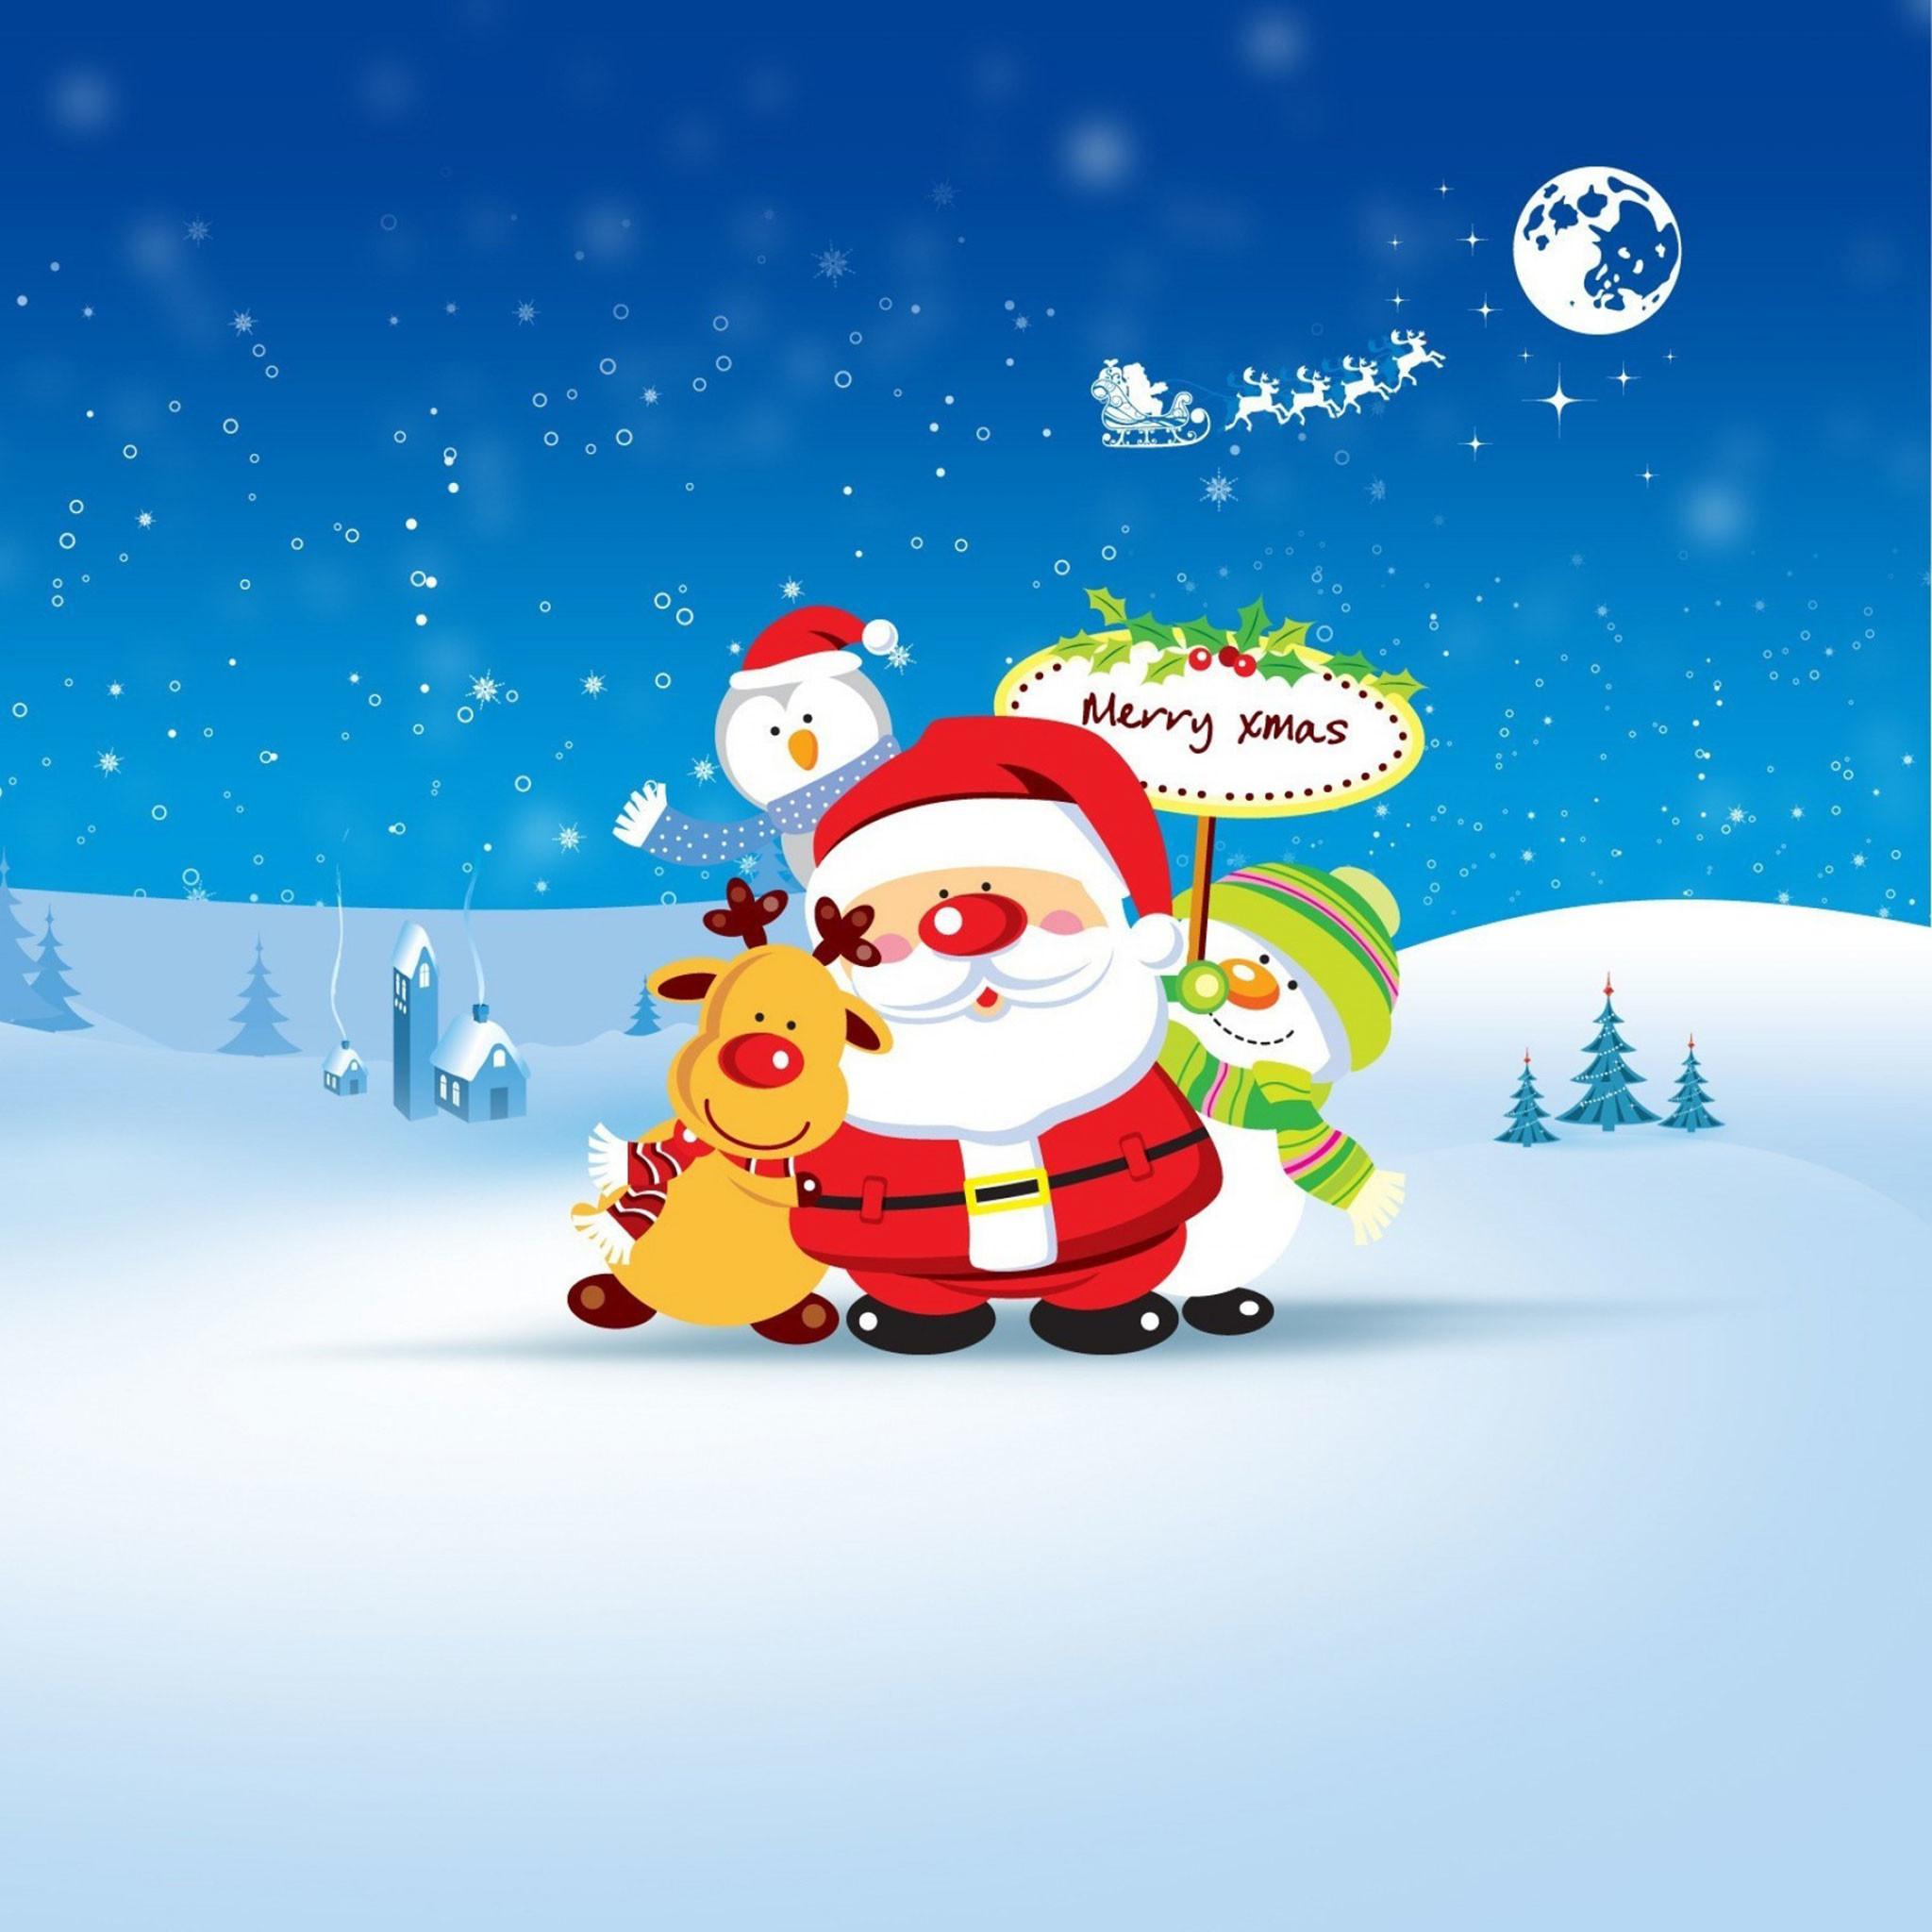 … christmas wallpaper for ipad air wallpapersafari …